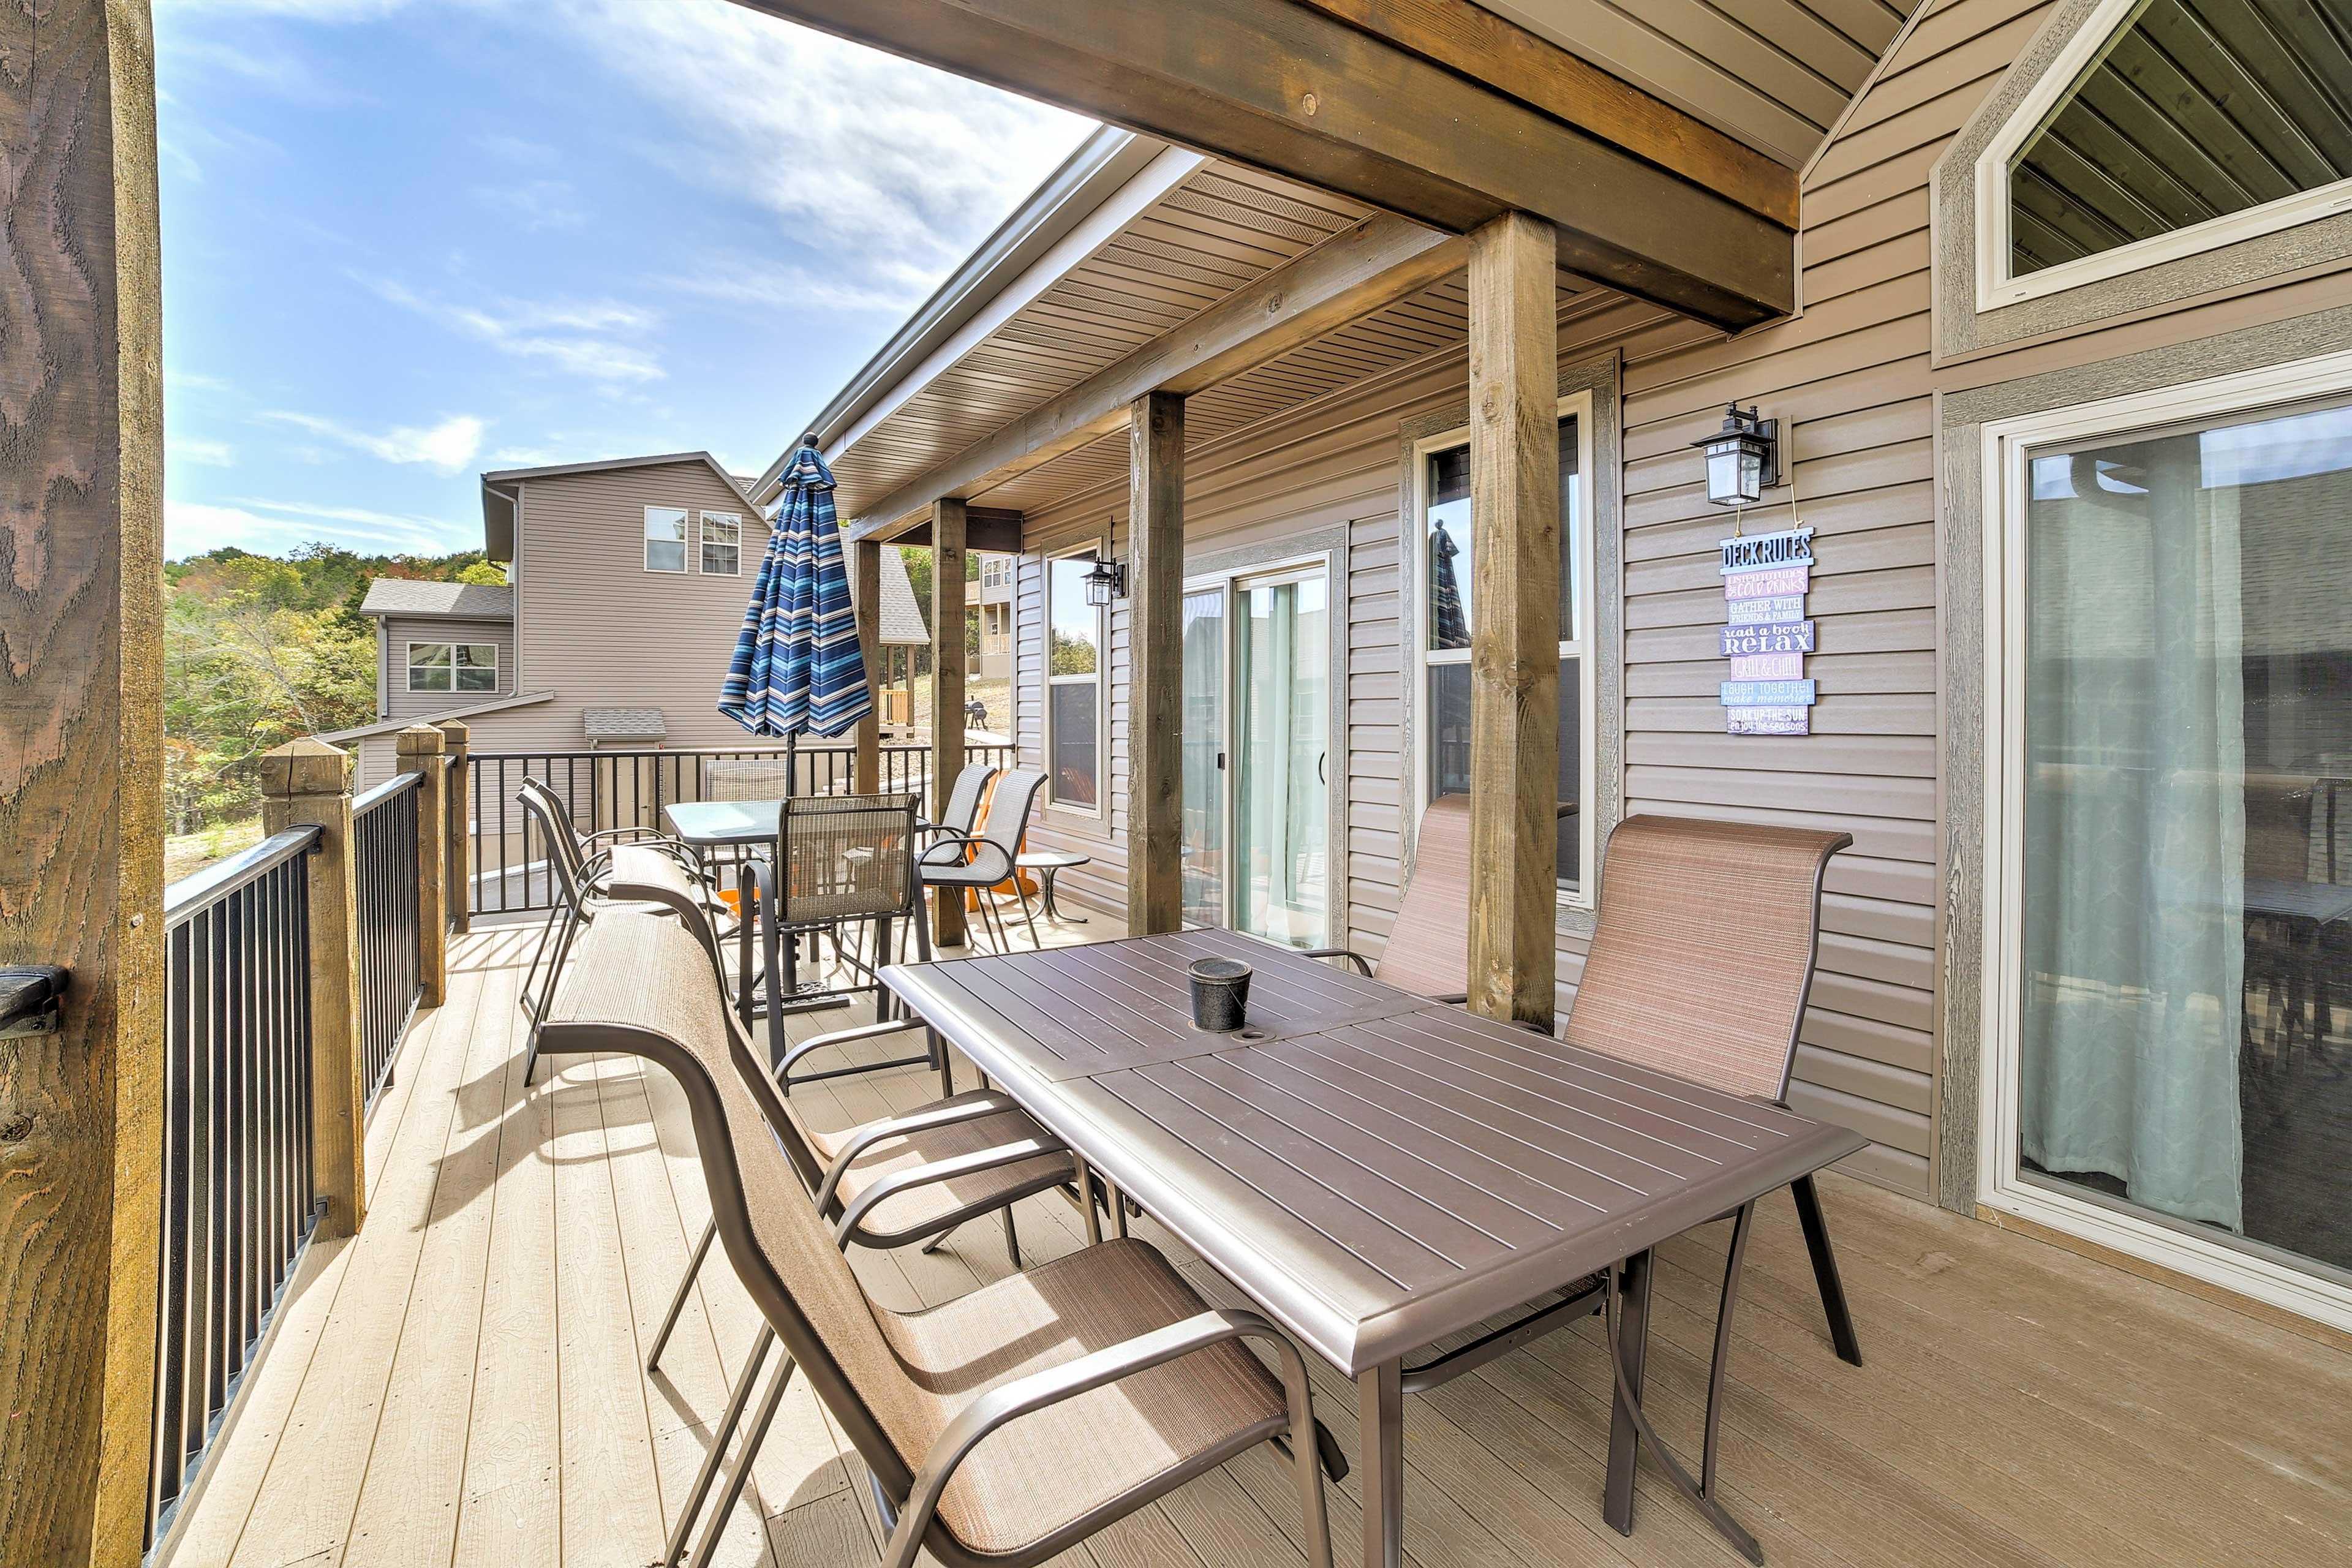 Dine al fresco on this spacious deck!